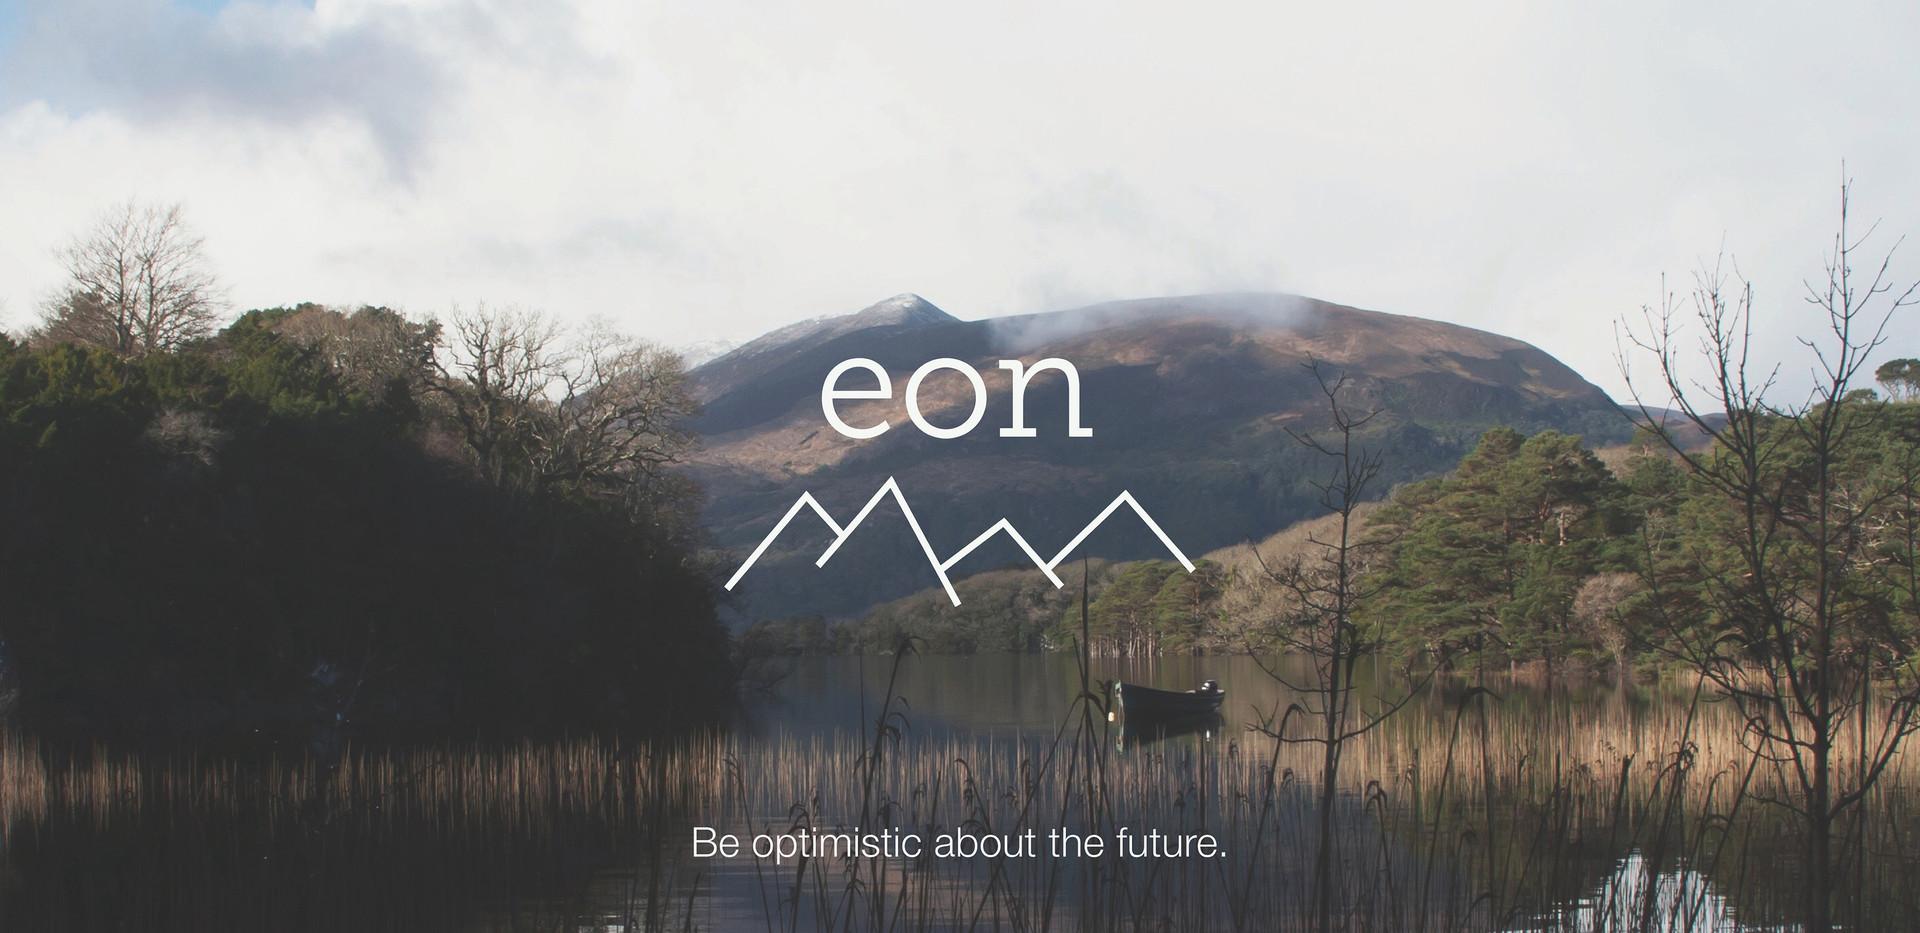 Eon Ad3